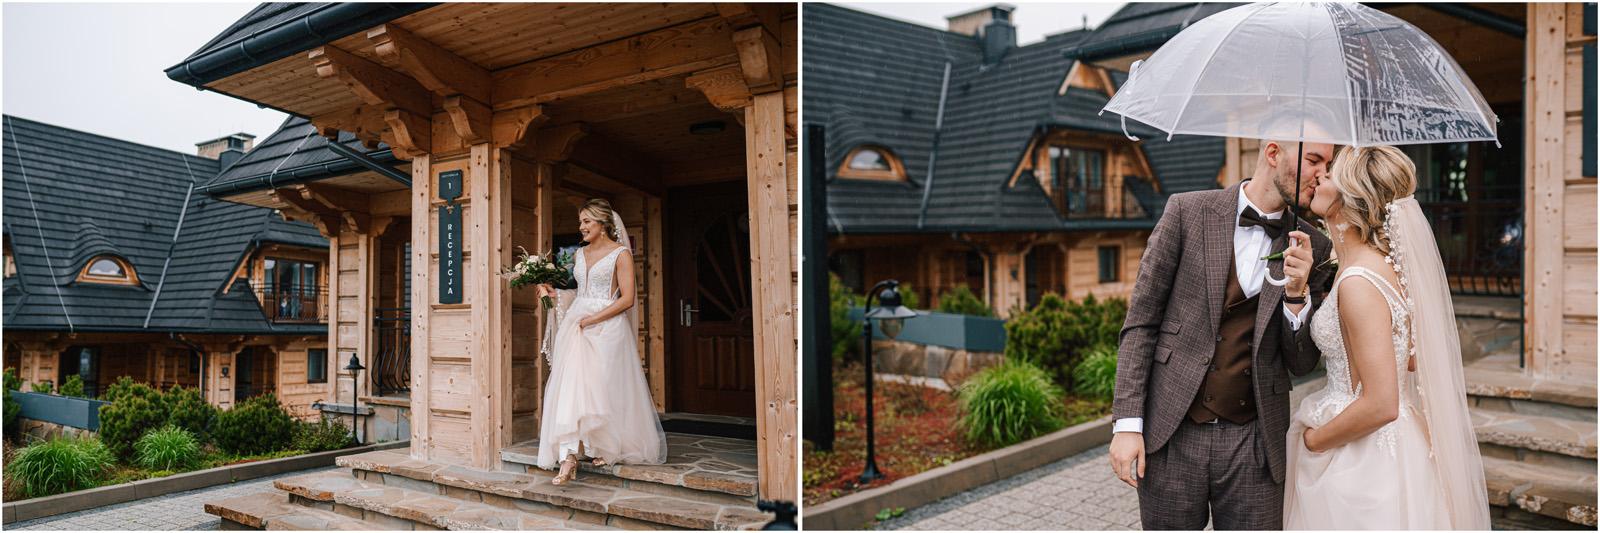 Amanda & Błażej | ślub i sesja w górach 18